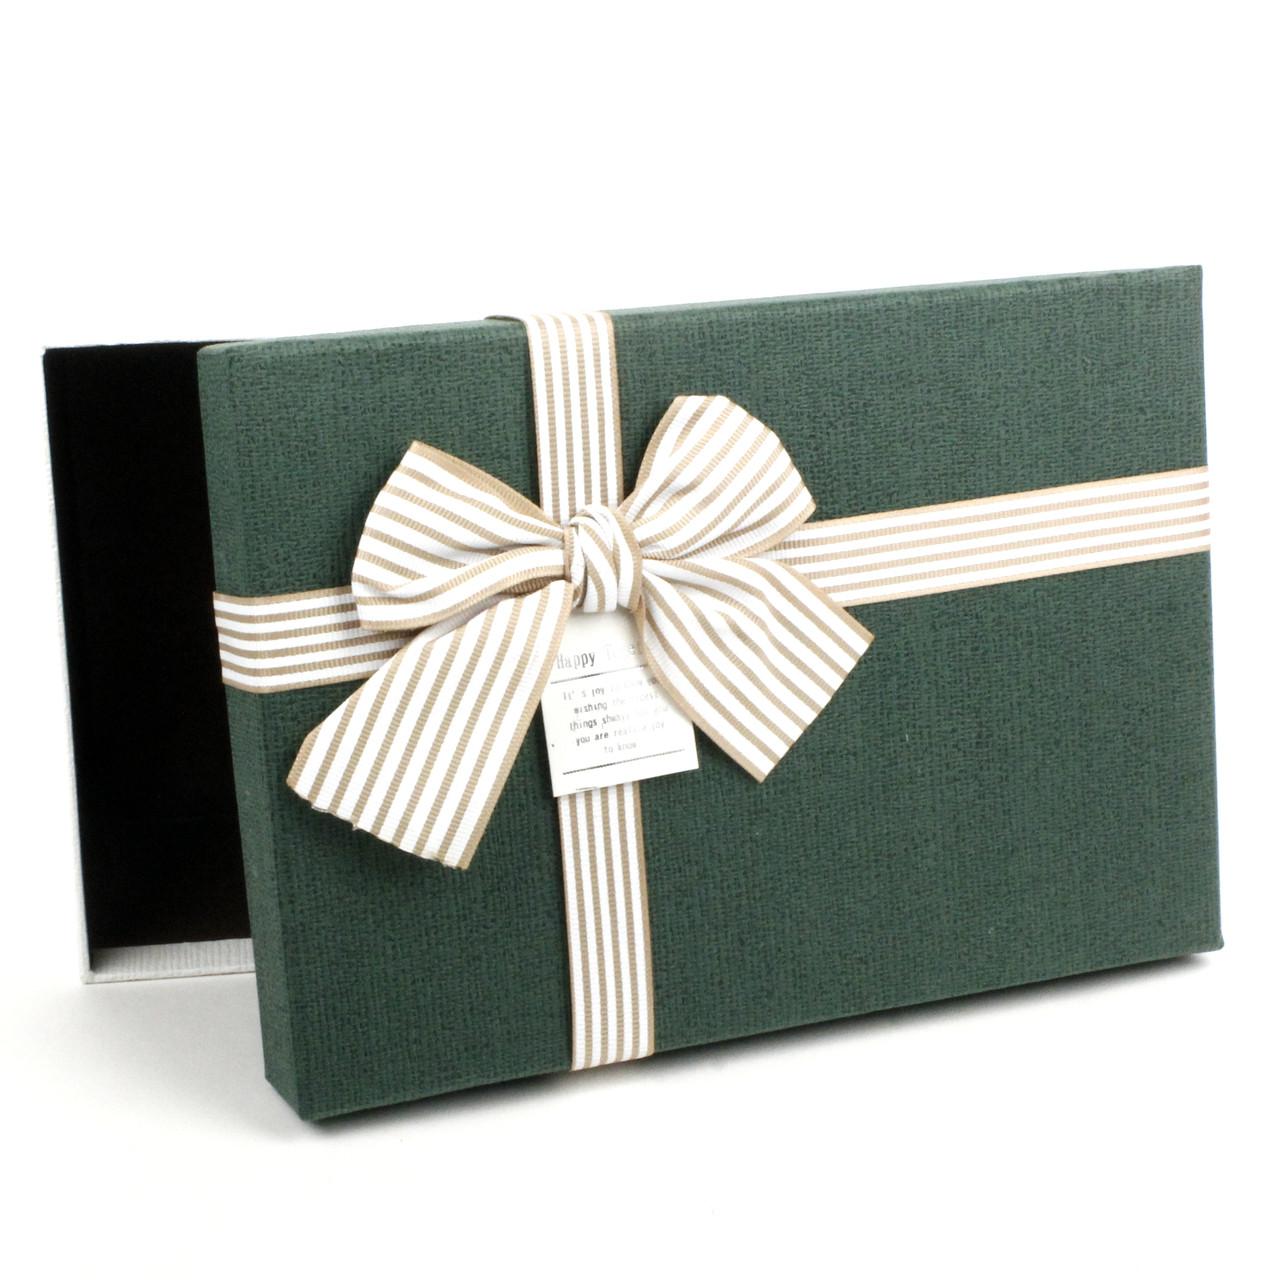 Подарочная коробка Happy Together с поздравительной открыткой 17.5 x 12.5 x 6.5 см